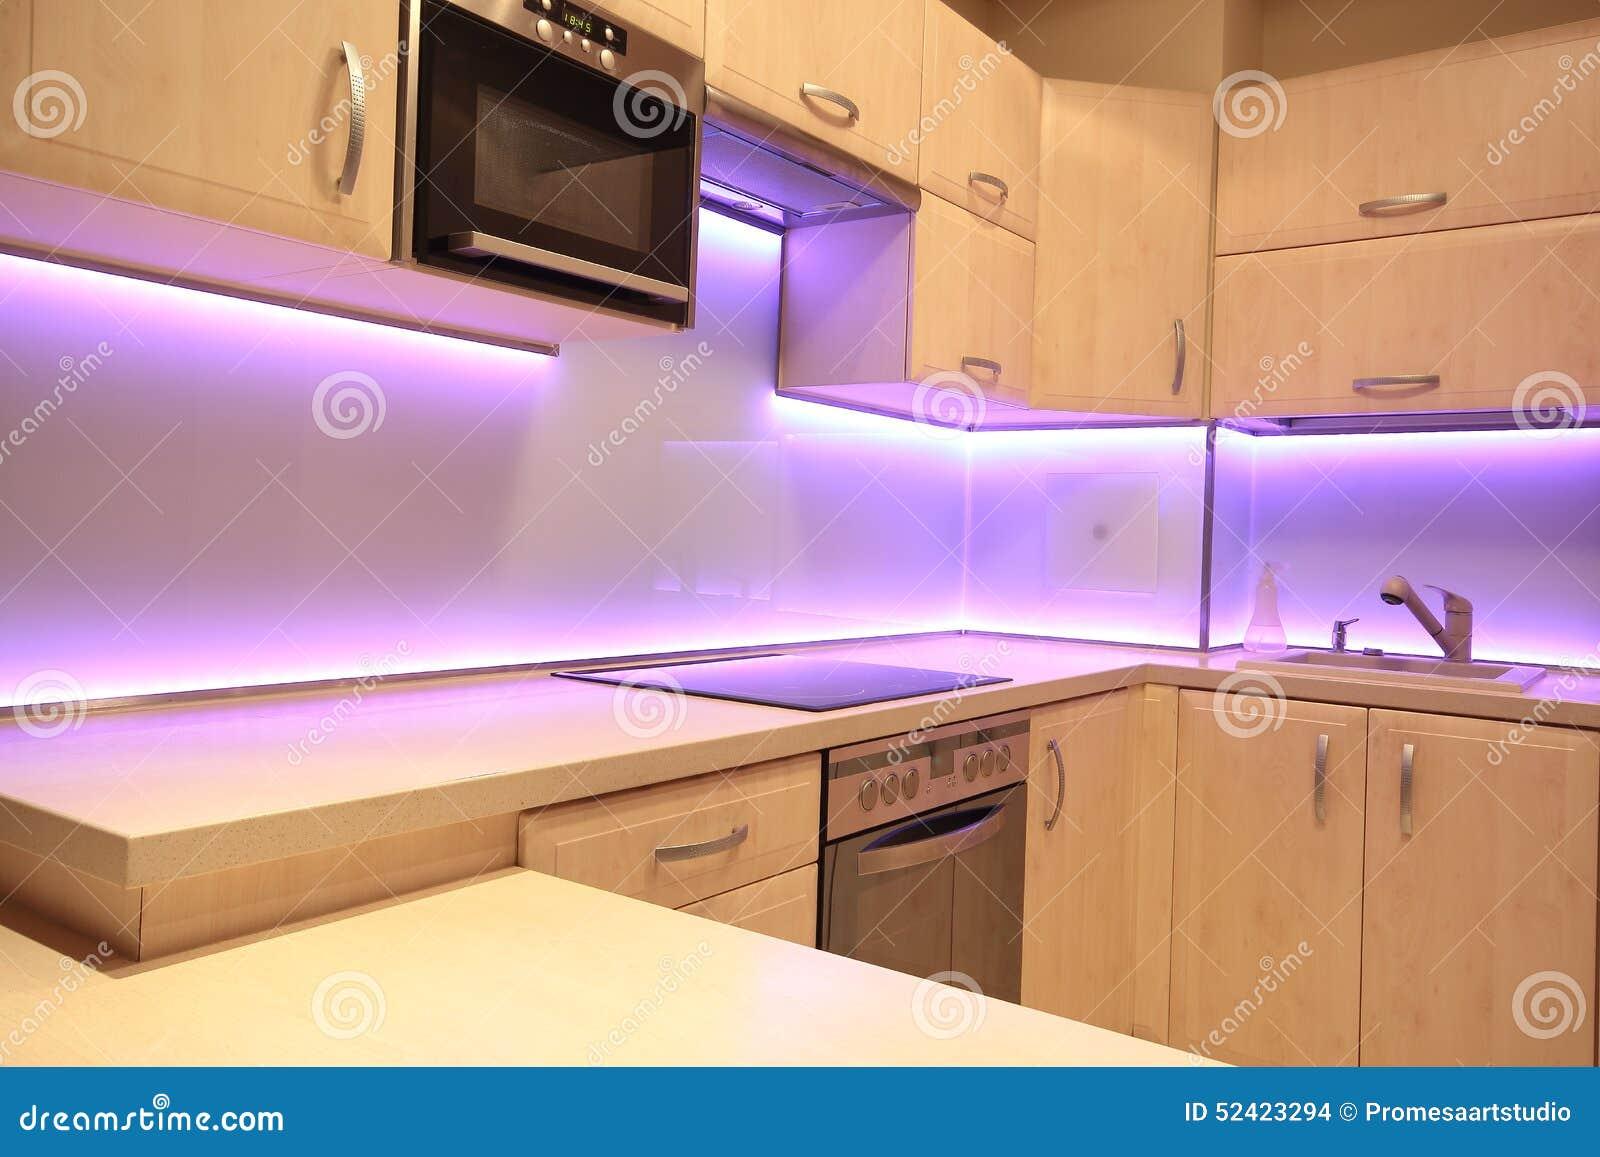 Modernt lyxigt kök med rosa färger ledde belysning arkivfoto ...